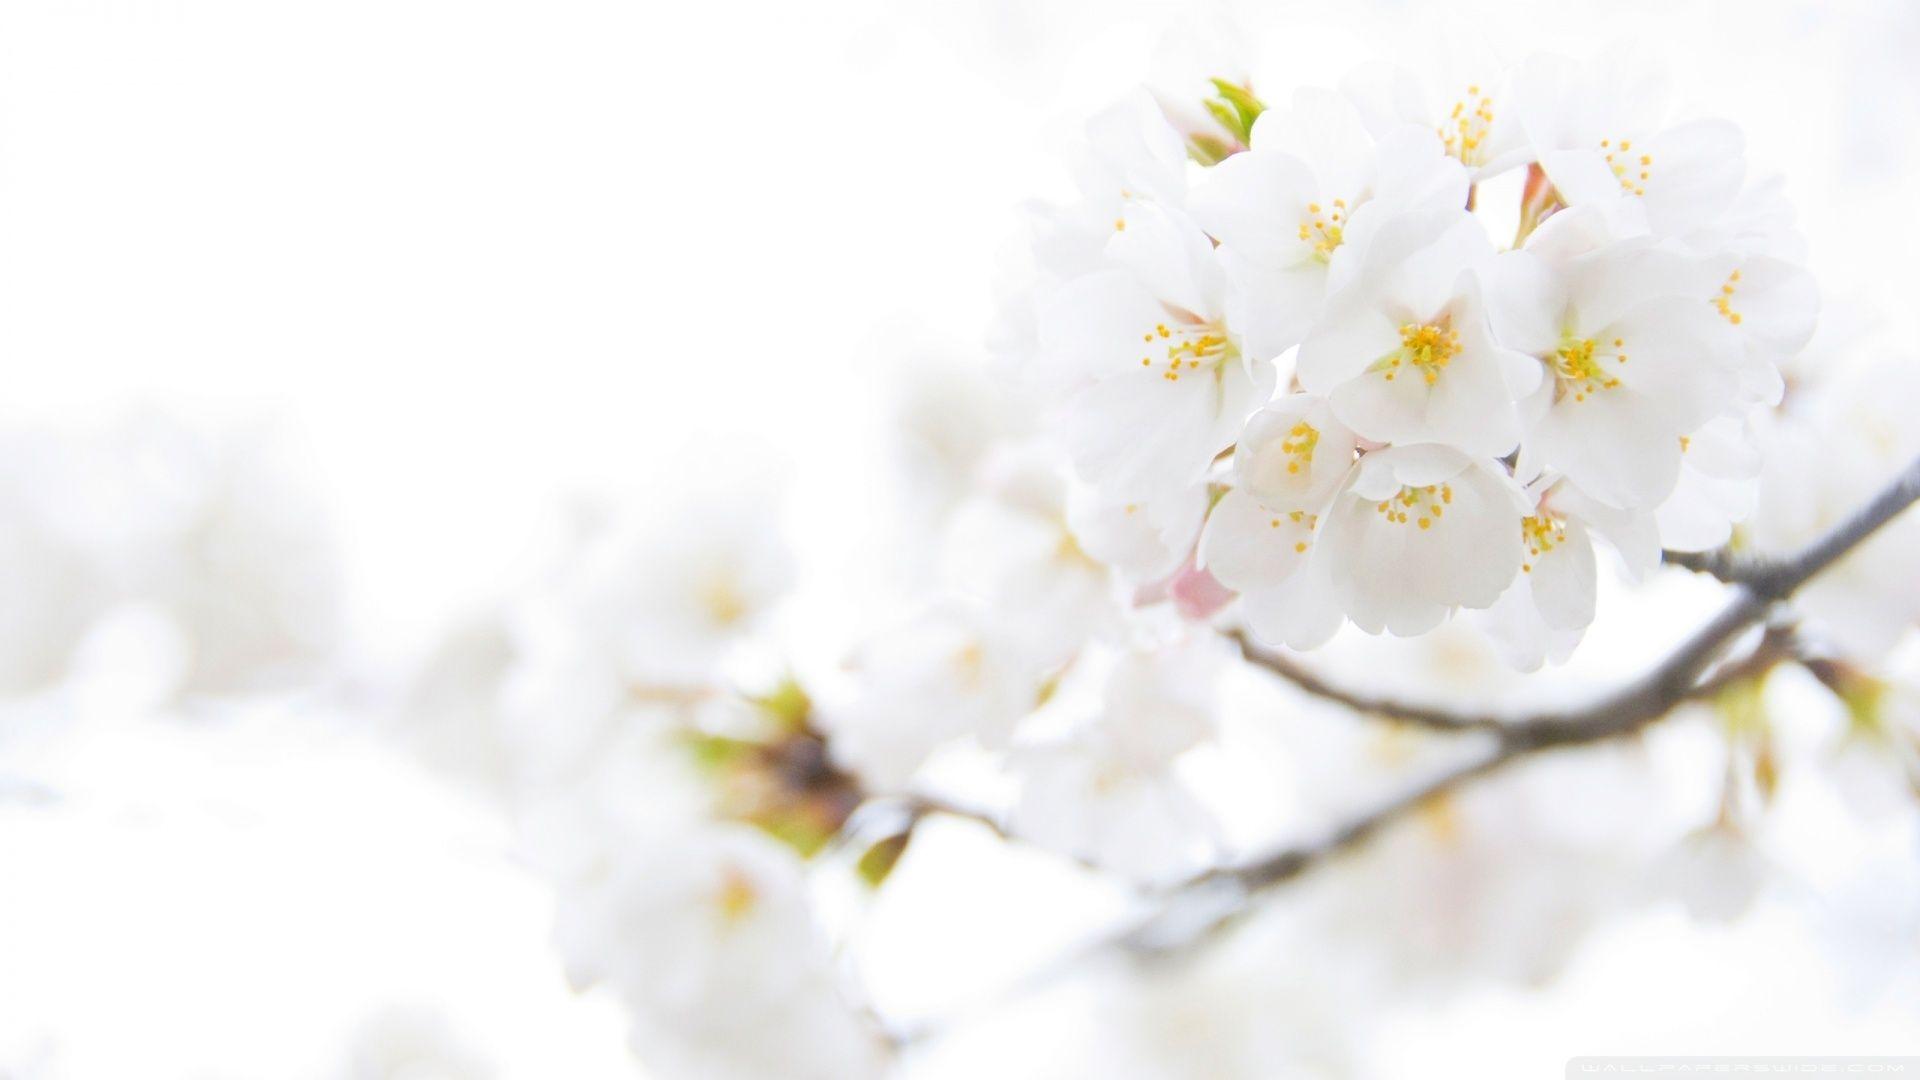 White Flower Hd Wallpapers White Flower Wallpaper Spring Flowers Wallpaper White Flowers